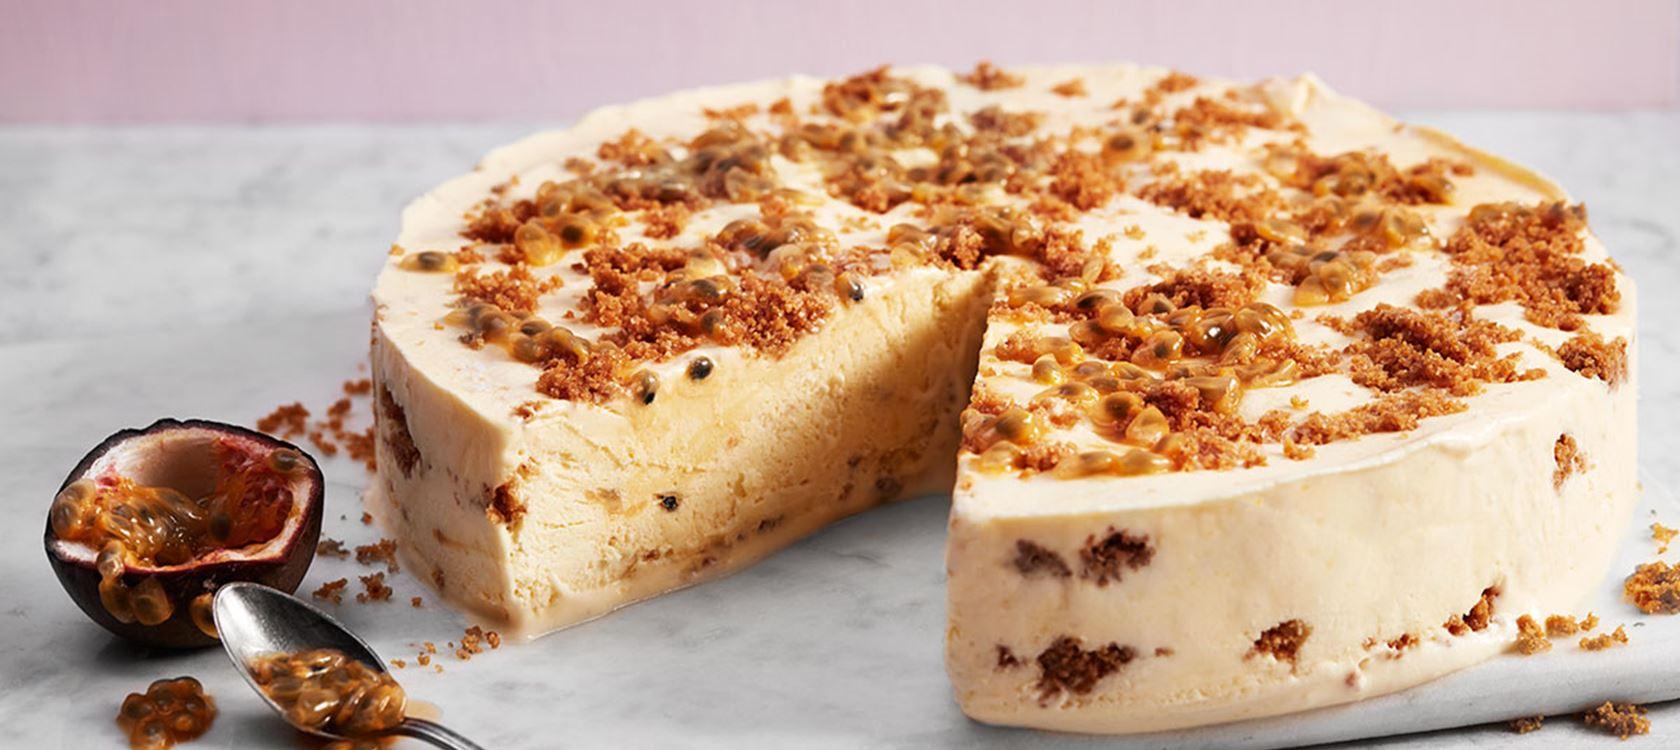 Παγωμένο cheesecake με μάνγκο και φρούτα του πάθους